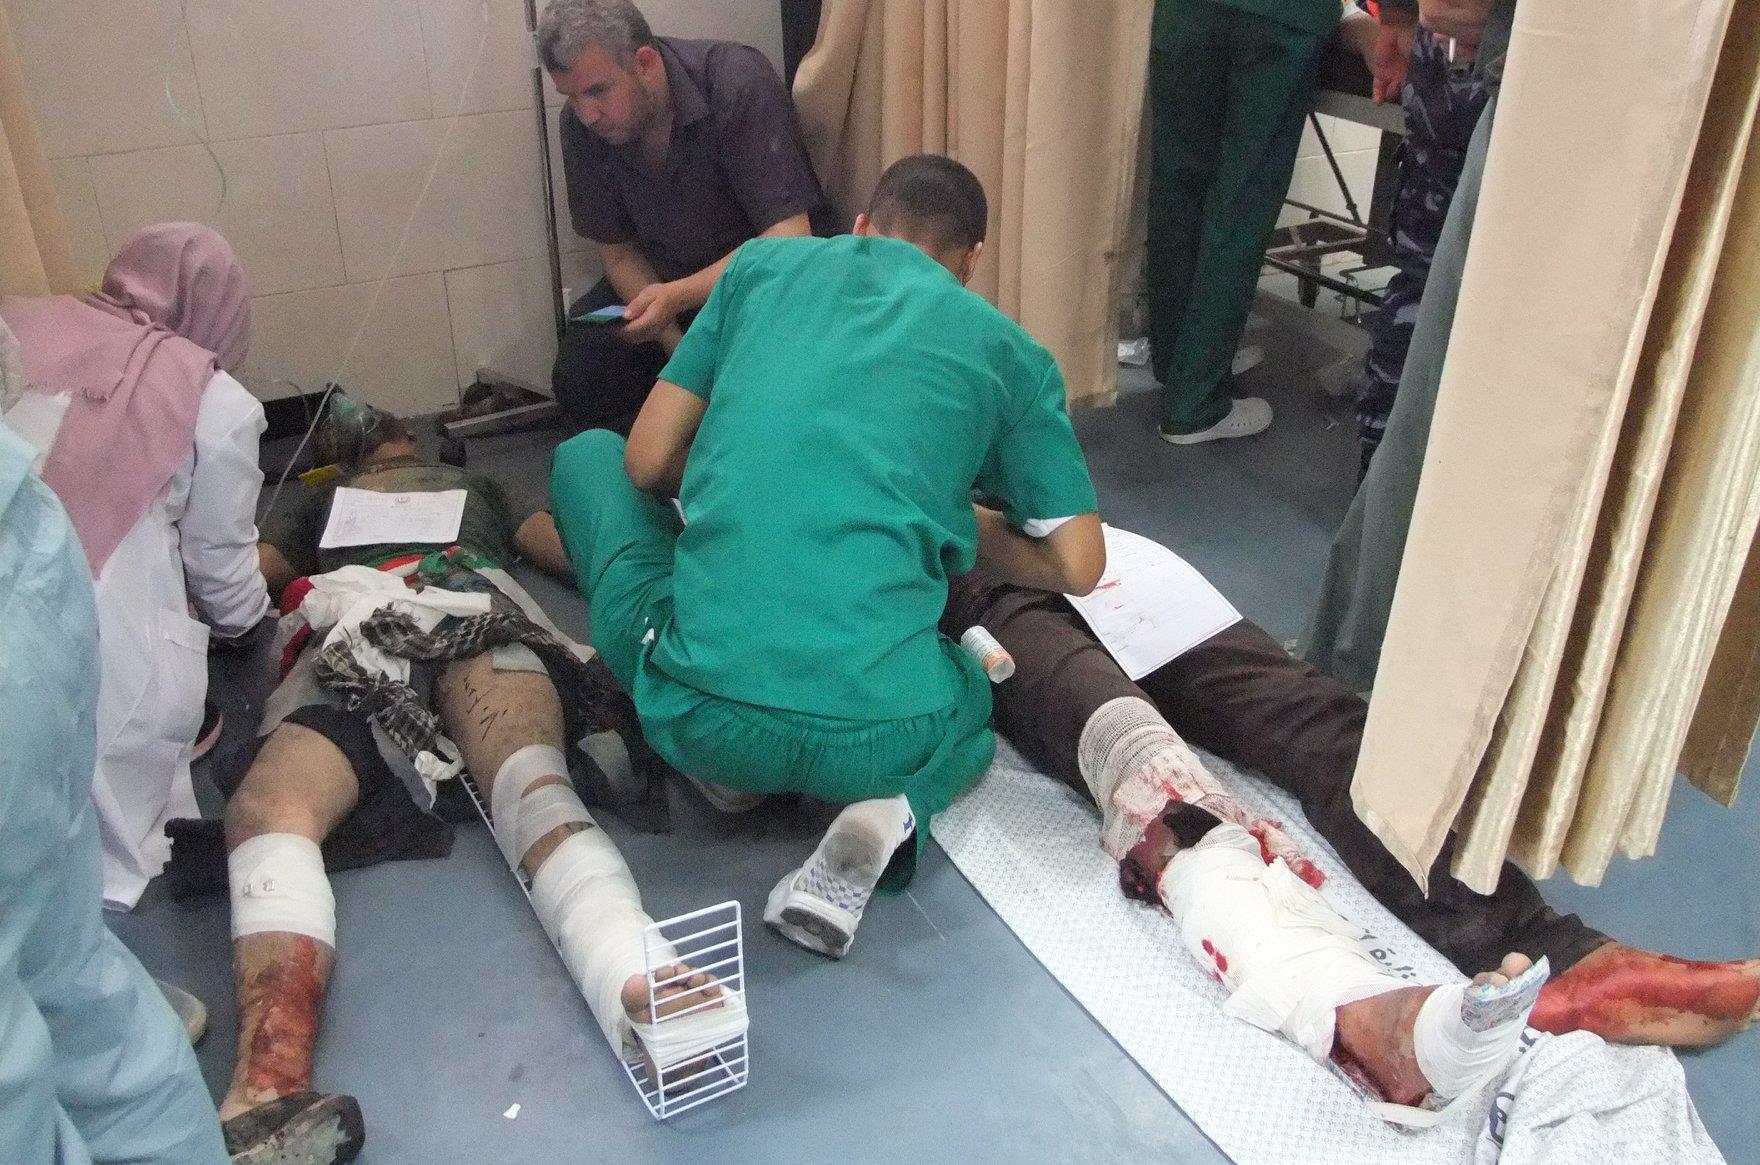 43 شهيدا واكثر من 2000 جريح في مجزرة اسرائيلية متواصلة ضد مسيرات العودة في غزة